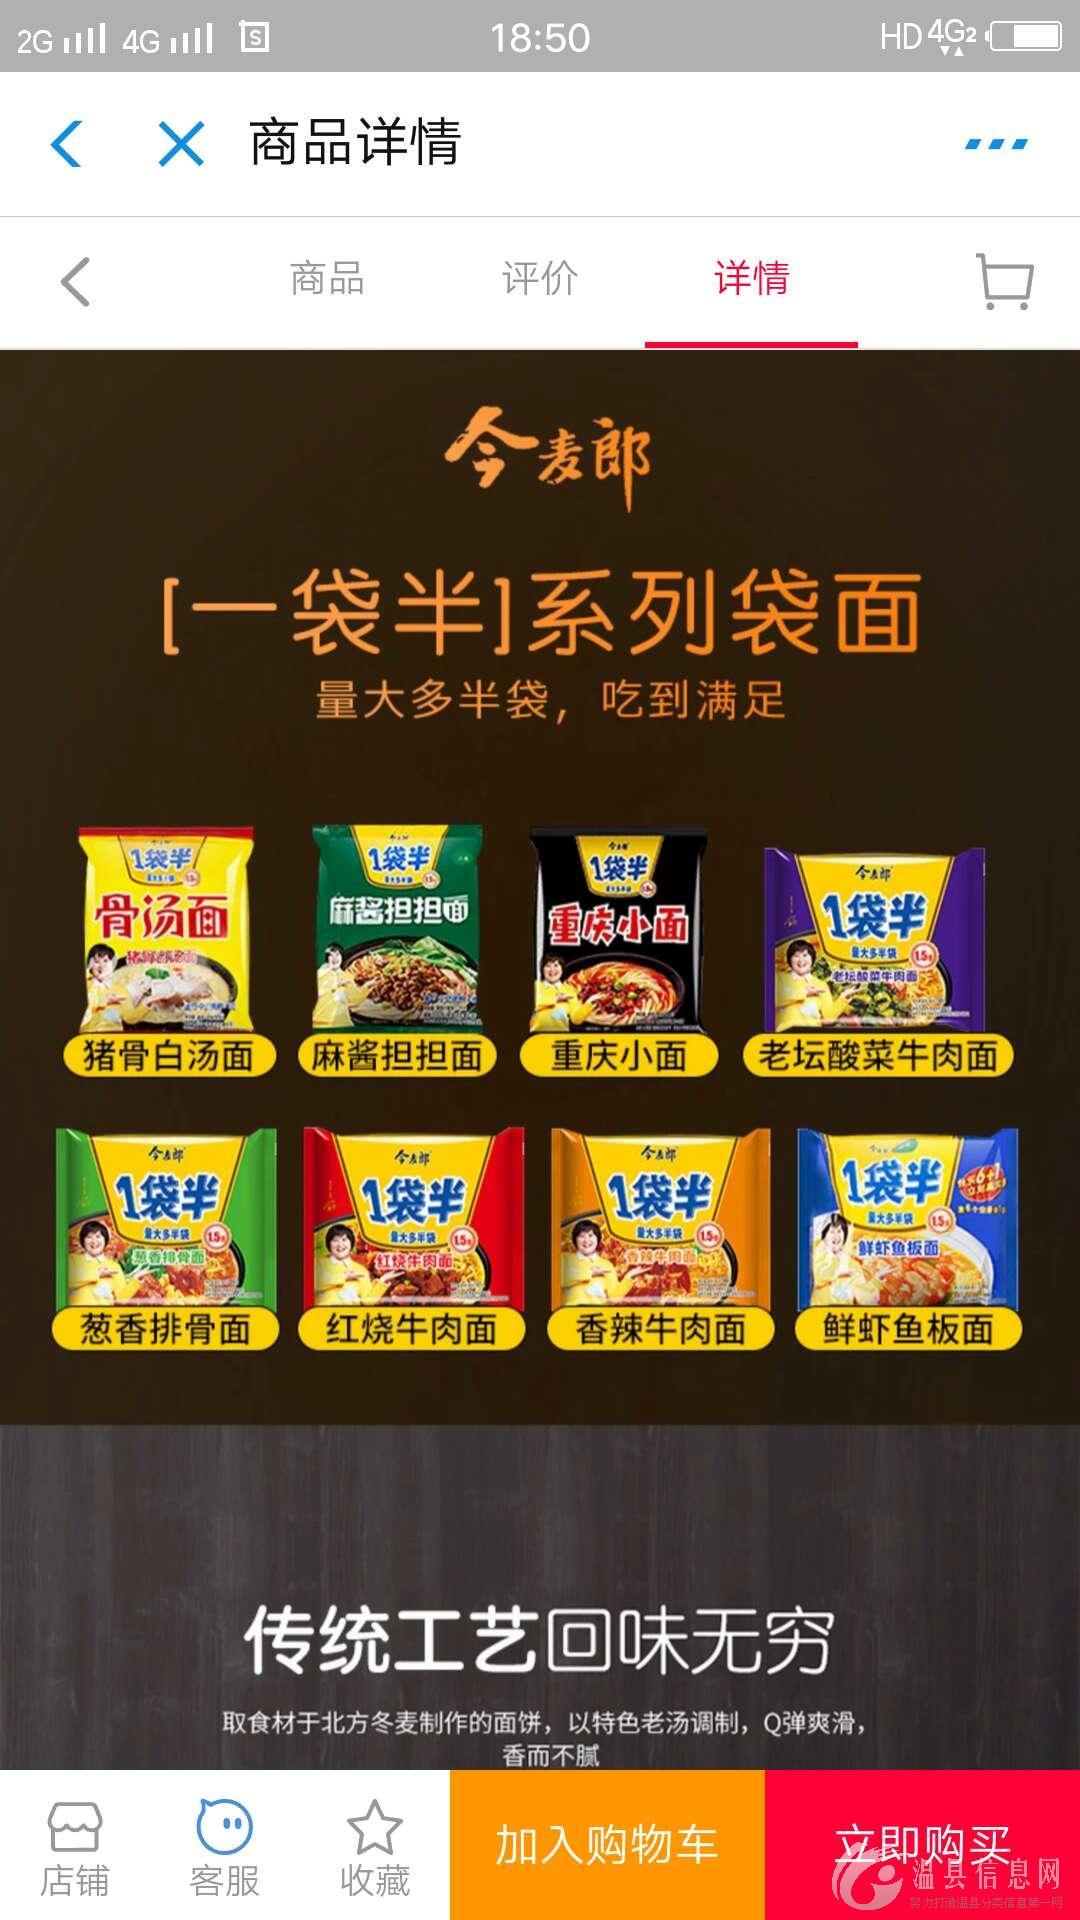 浩宇商贸招聘销售主管一名、市场销售人员10名、司机2名、超市